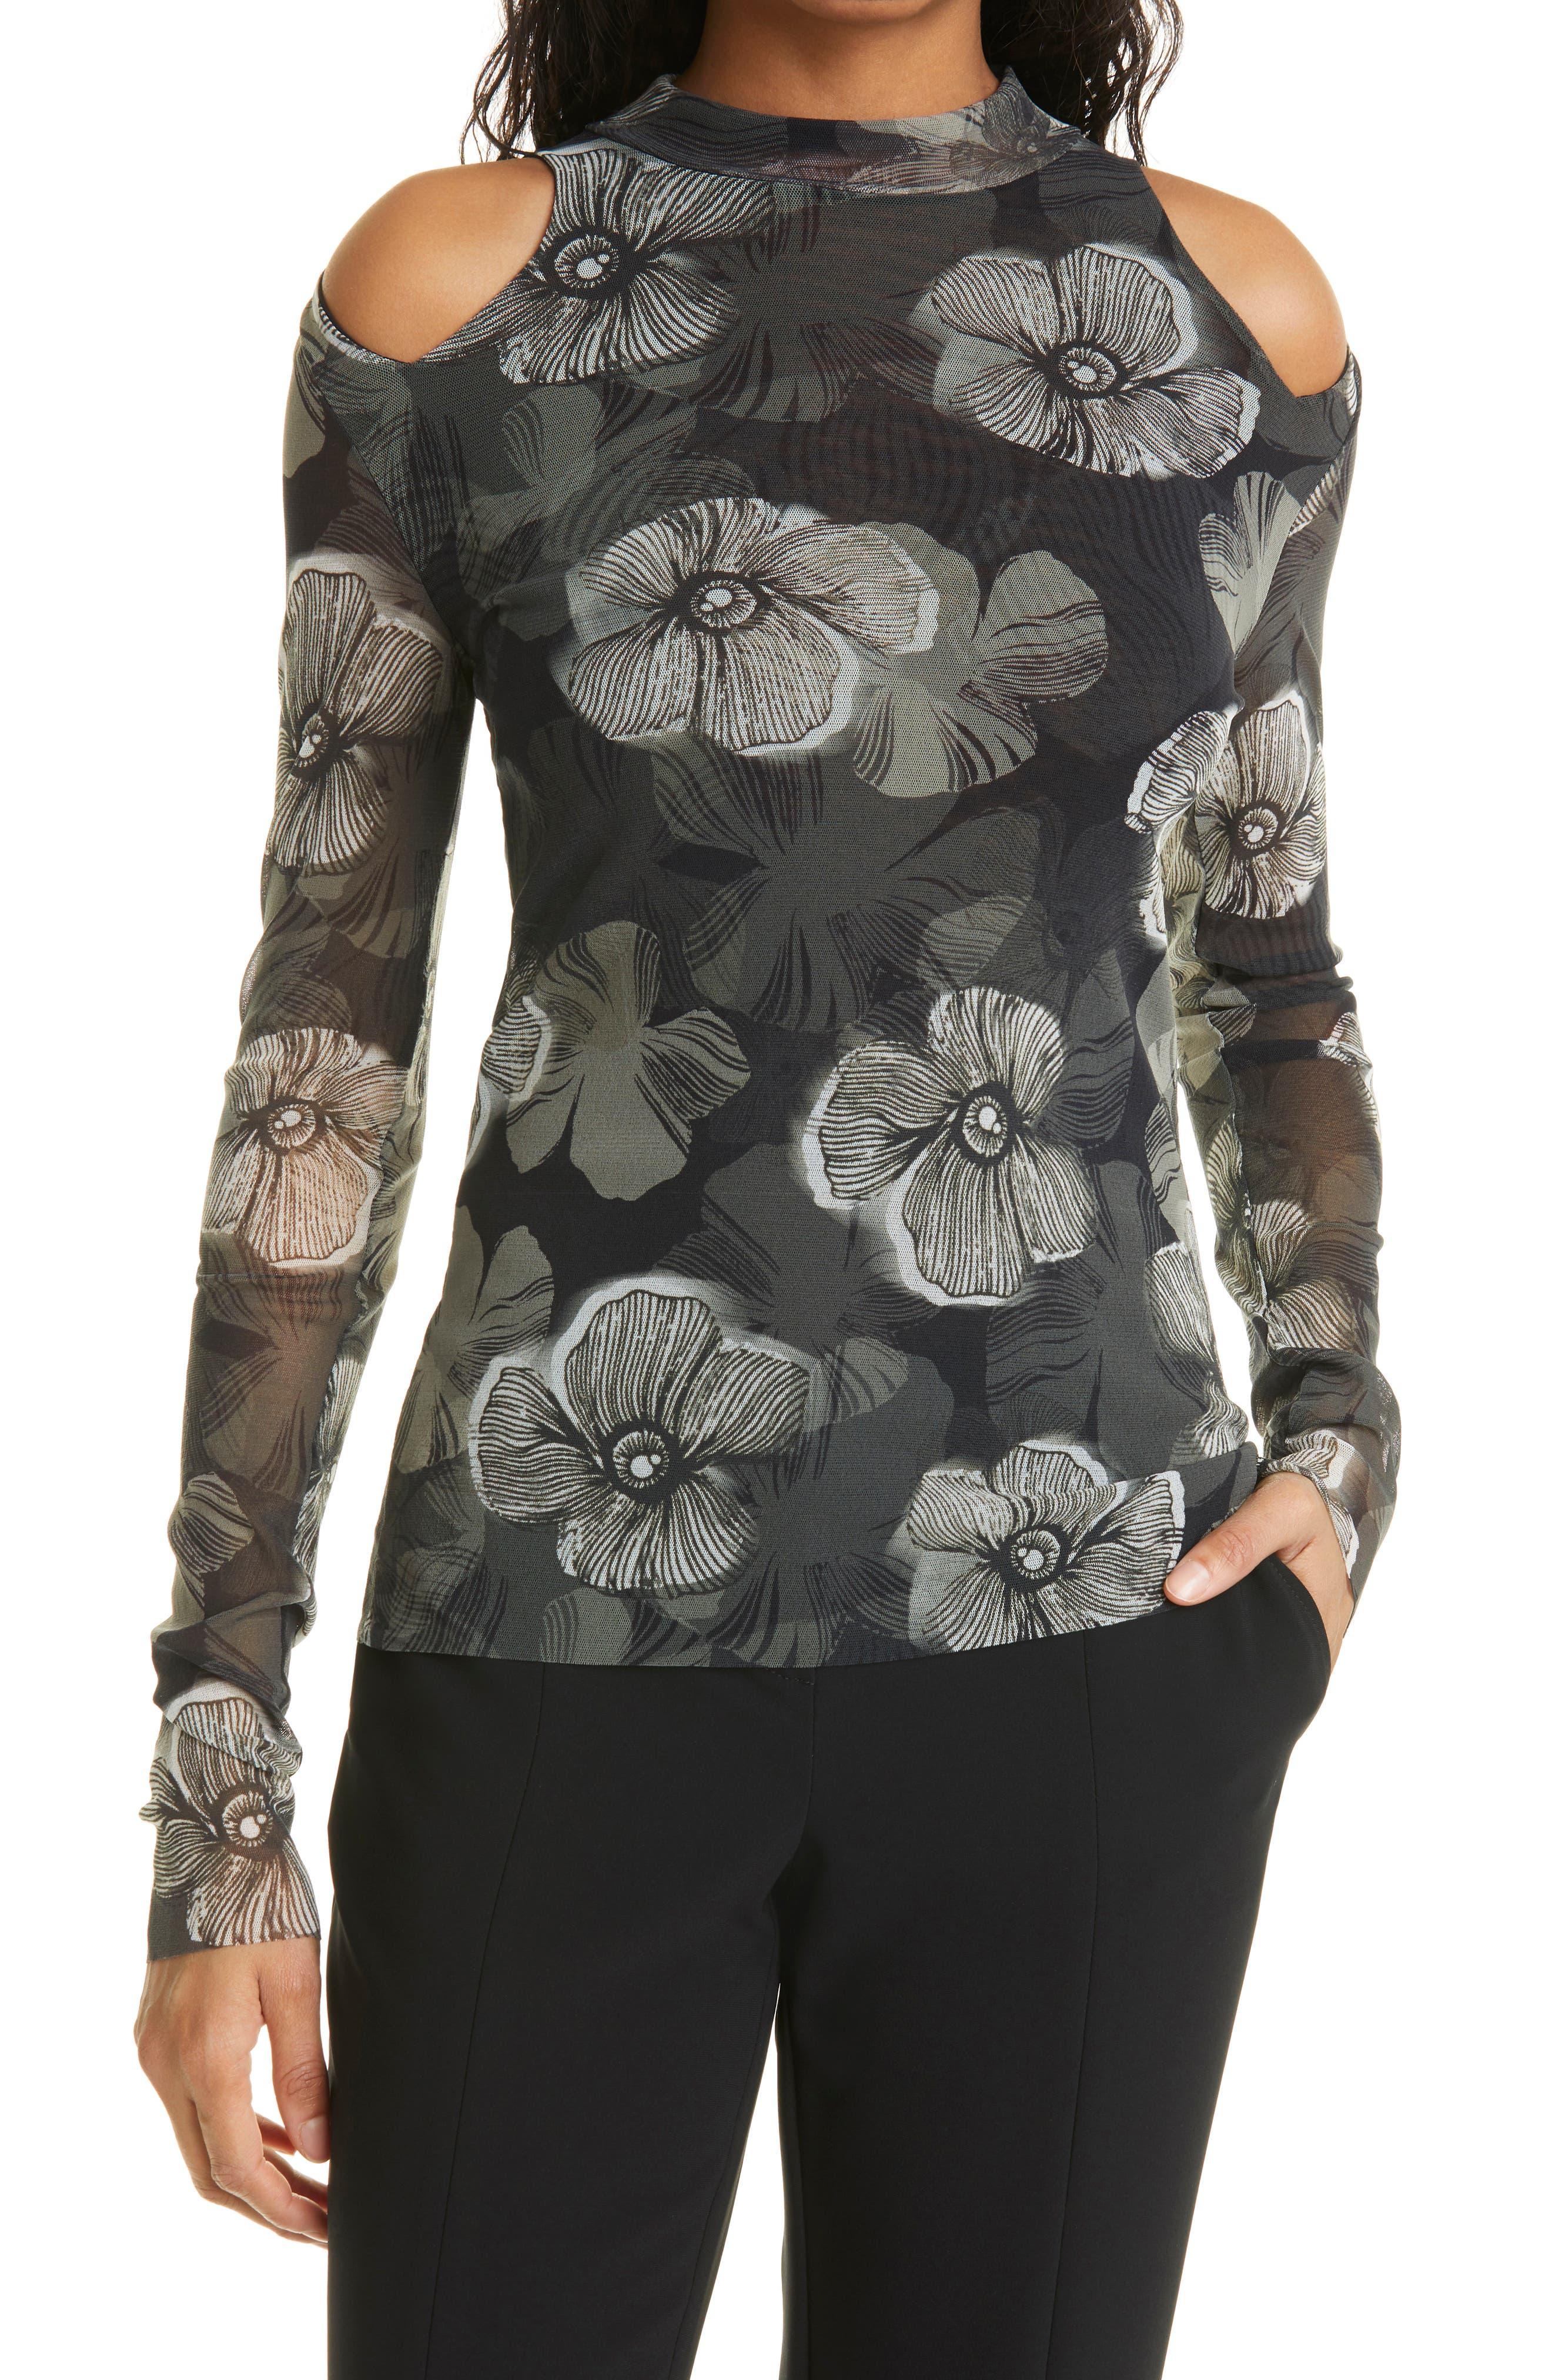 Floral Print Mesh Cold Shoulder Top